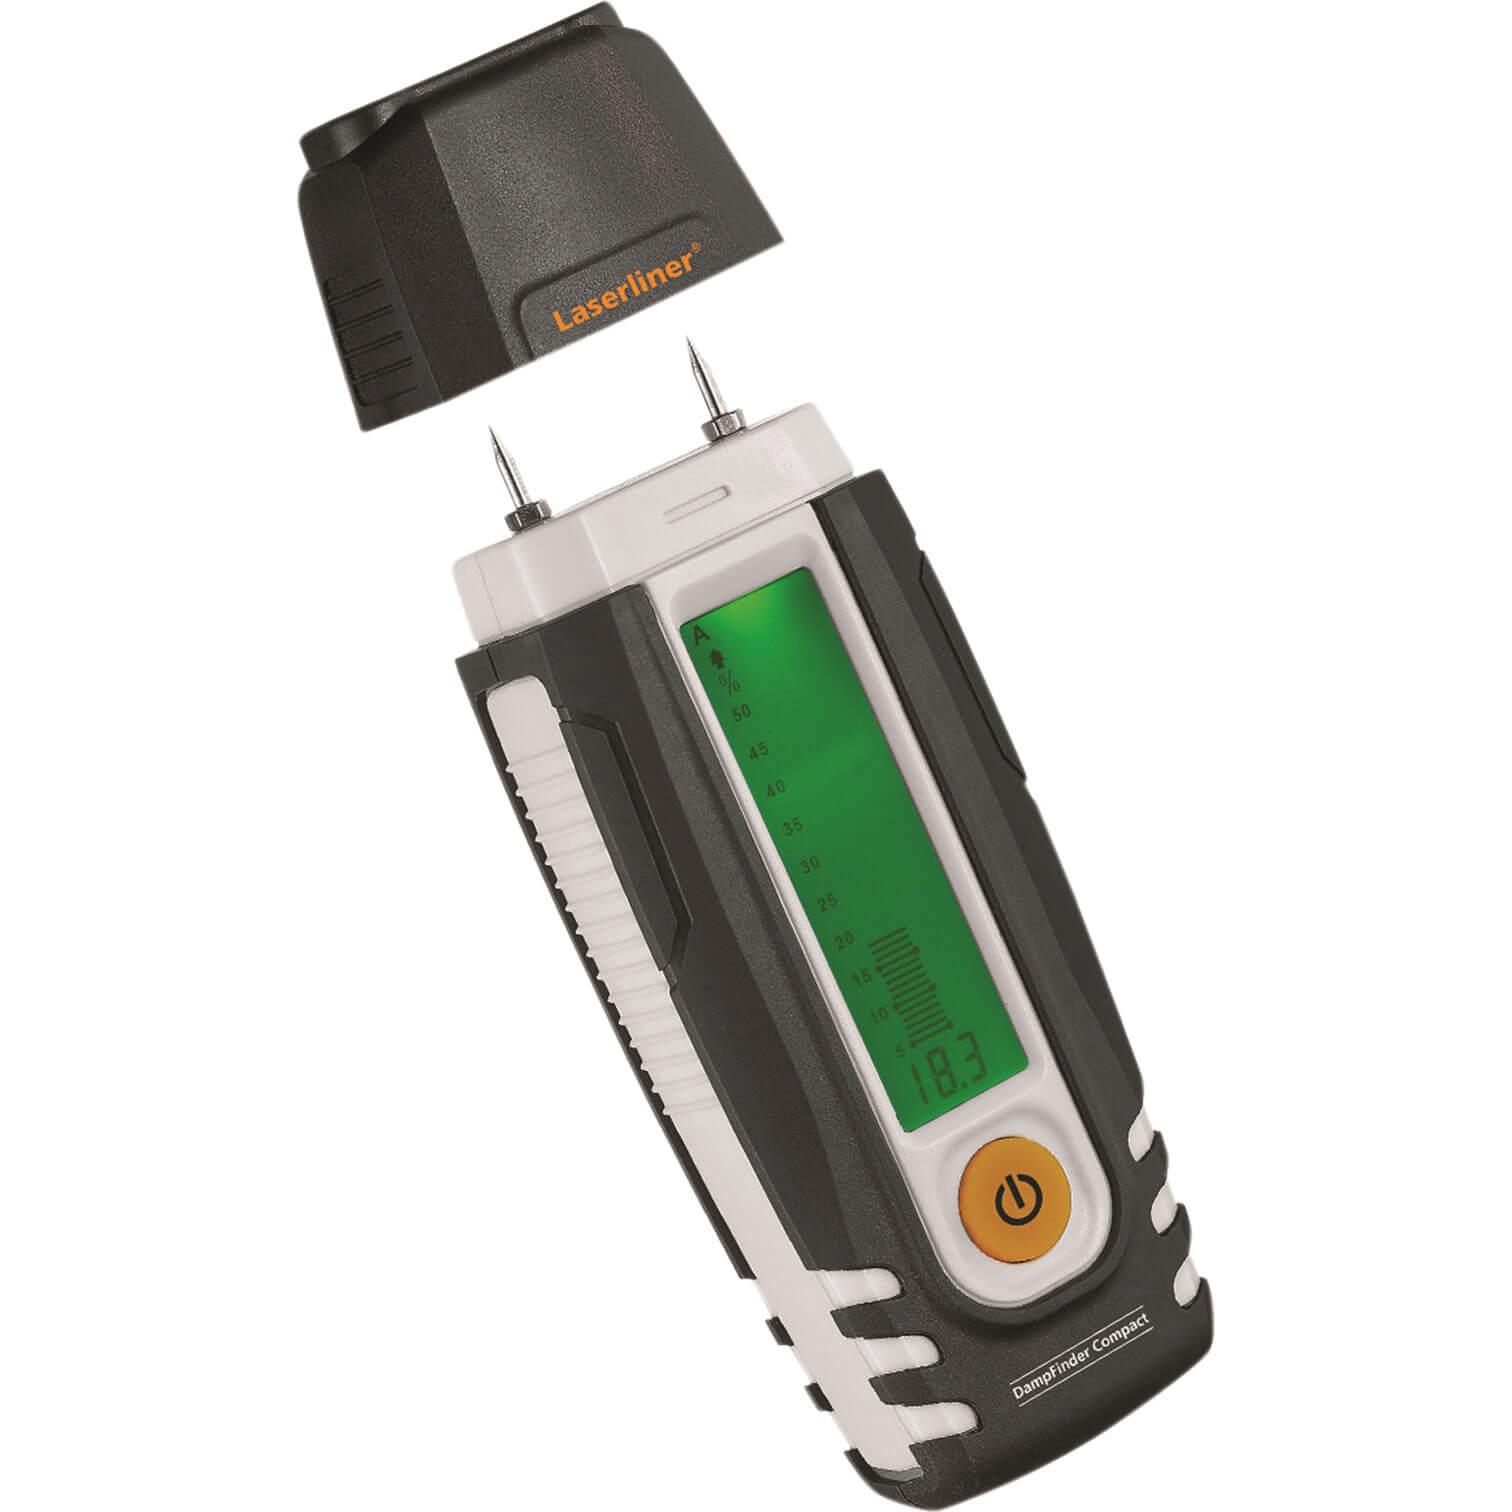 Image of LaserLiner Dampfinder Compact Damp Meter